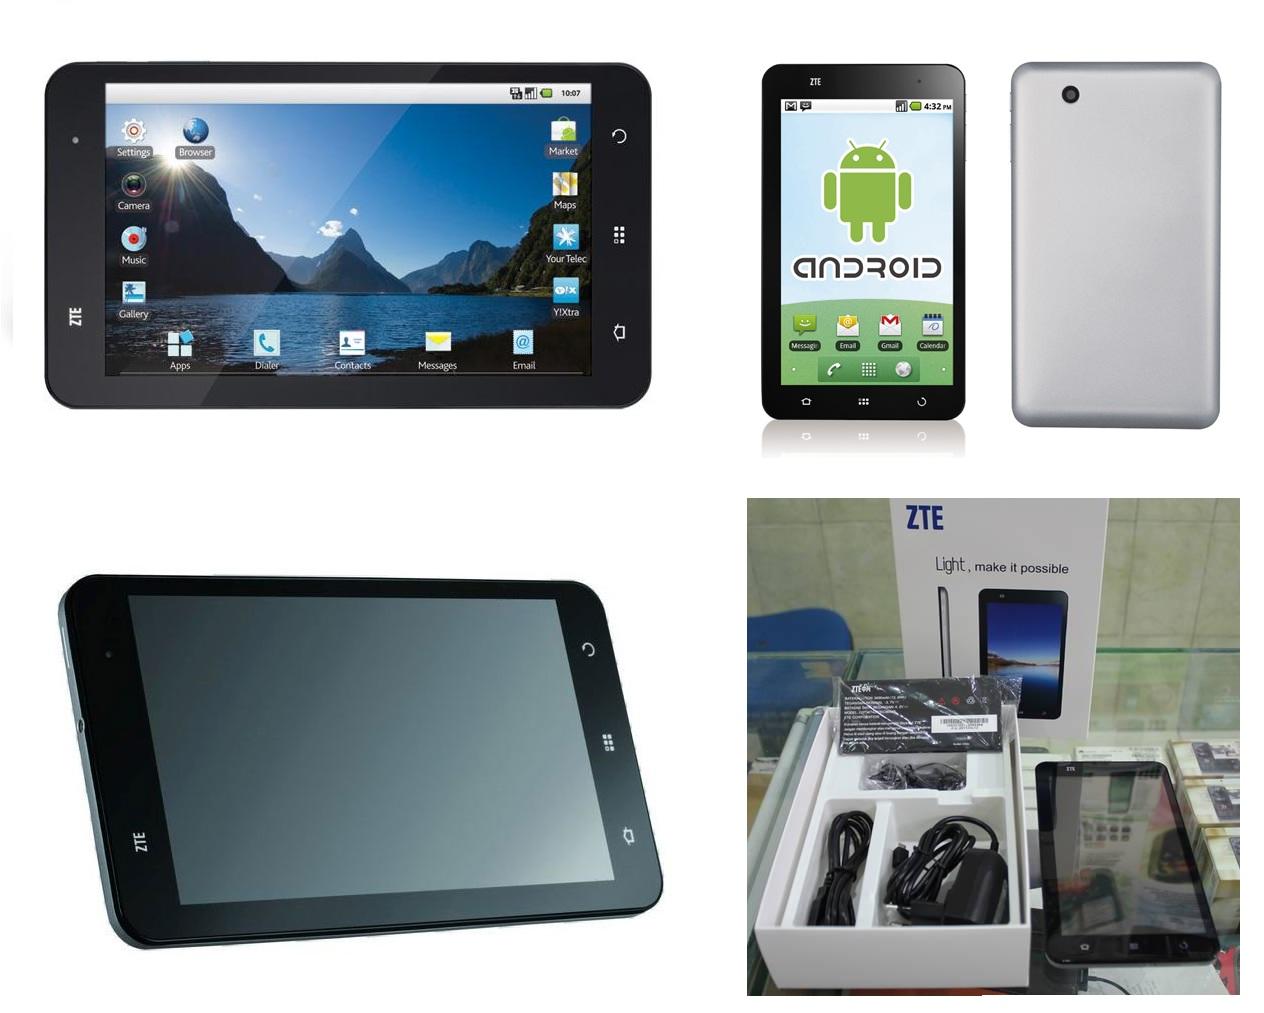 pro version zte v9 tablet upgrade you